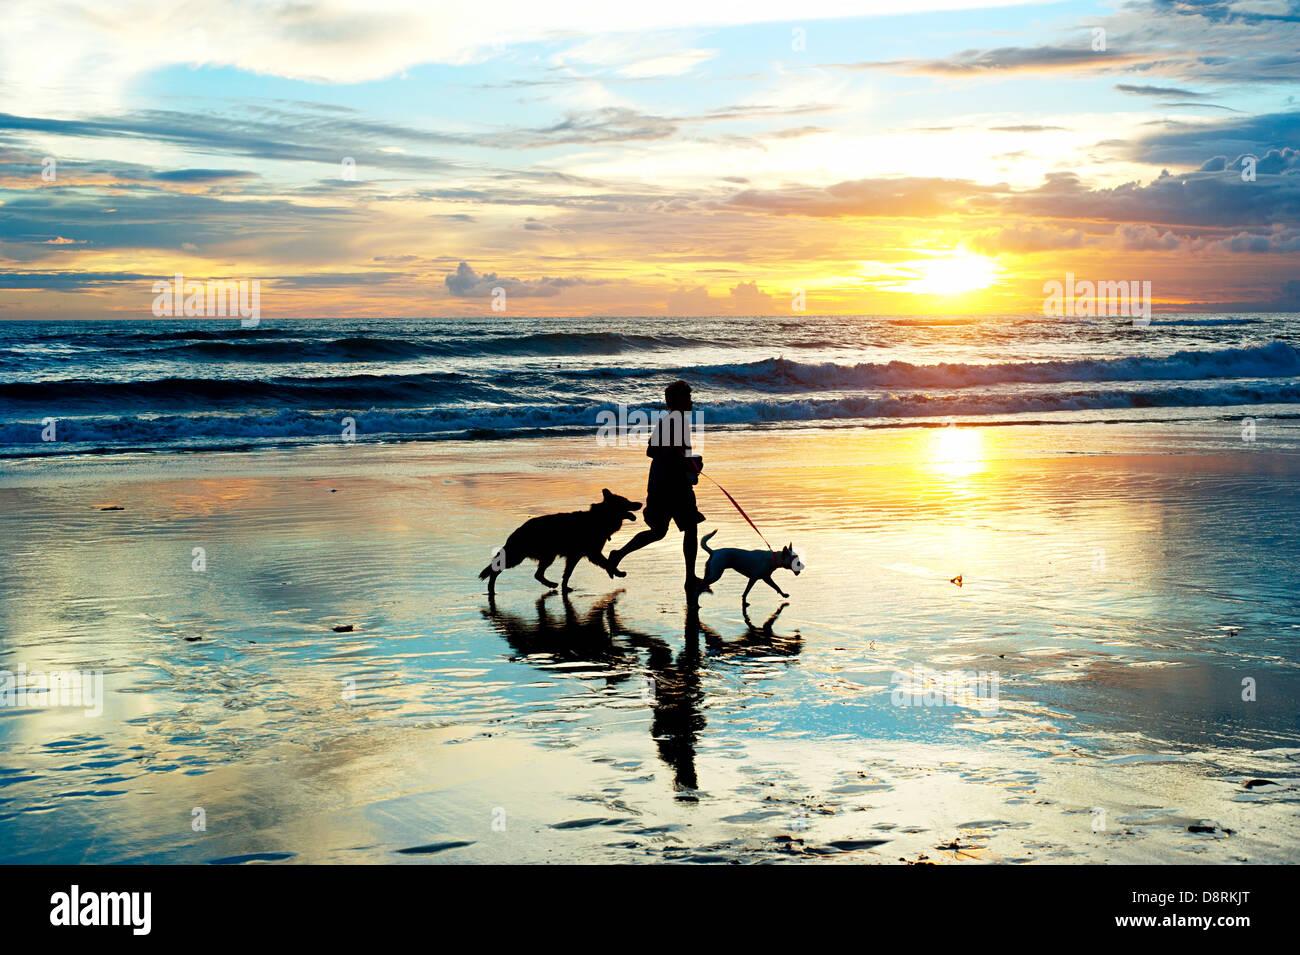 Homme avec un chiens qui courent sur la plage au coucher du soleil. L'île de Bali, Indonésie Banque D'Images